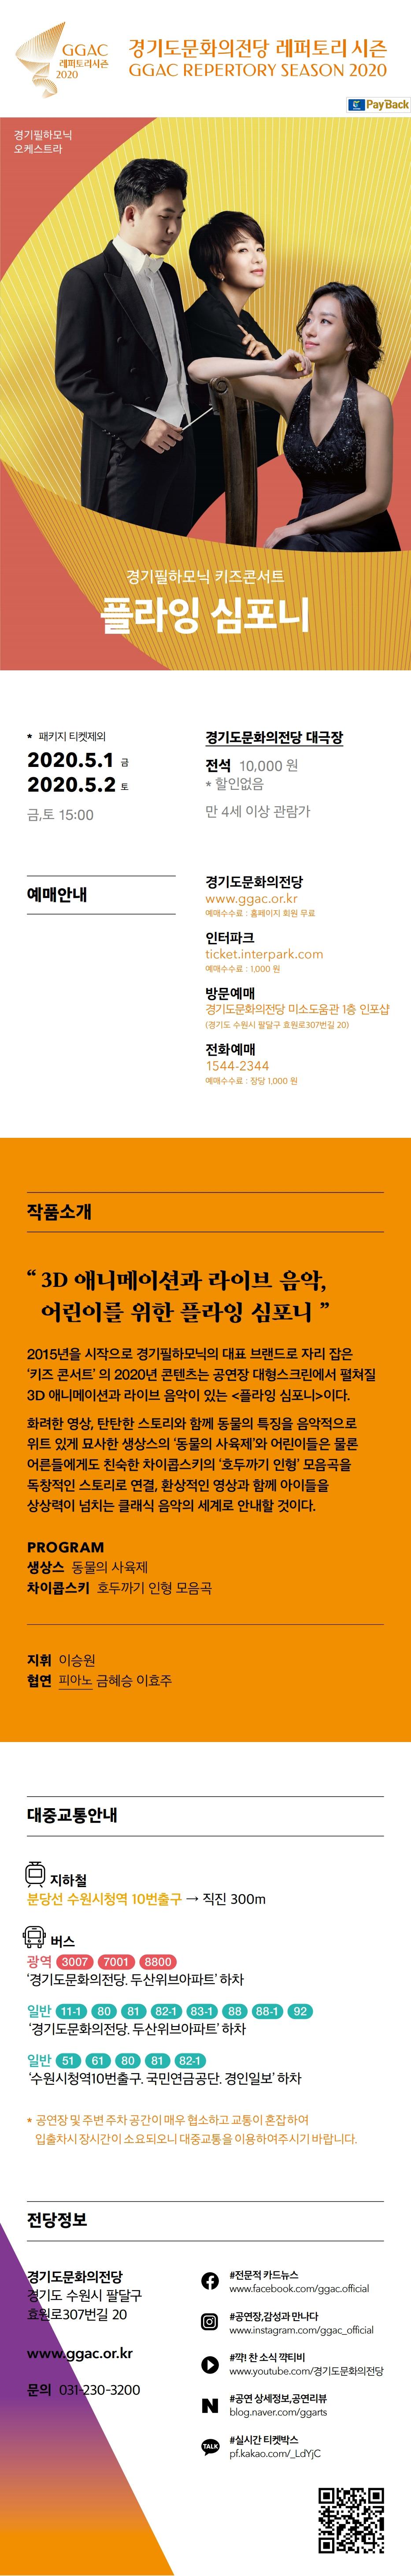 경기필하모닉 키즈콘서트 <플라잉 심포니>